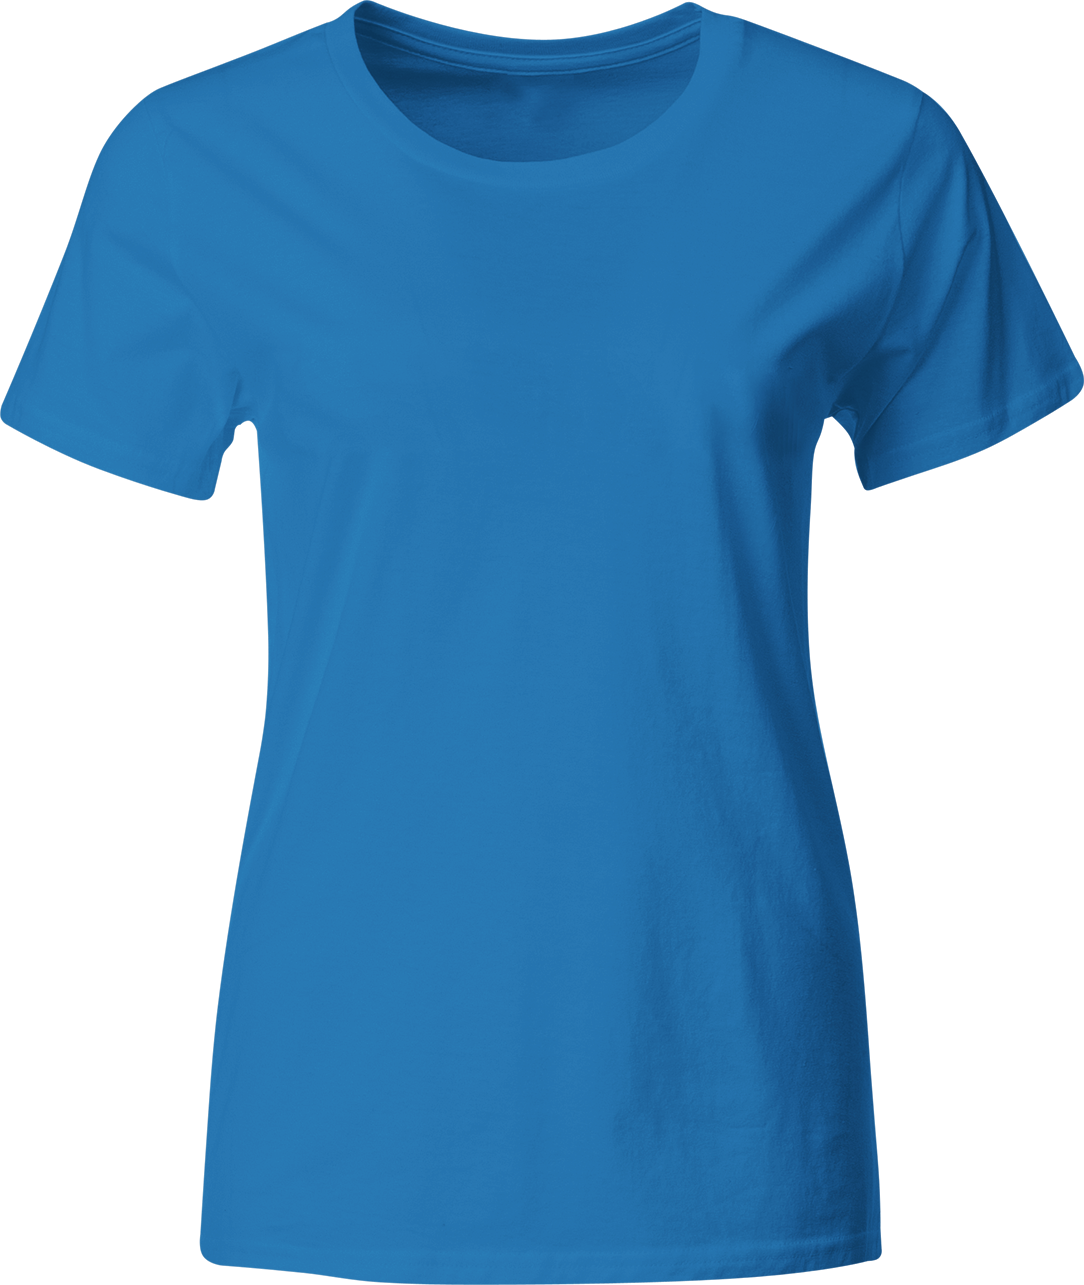 38257f0832543 Женская футболка из стрейч-хлопка синяя купить недорого с доставкой